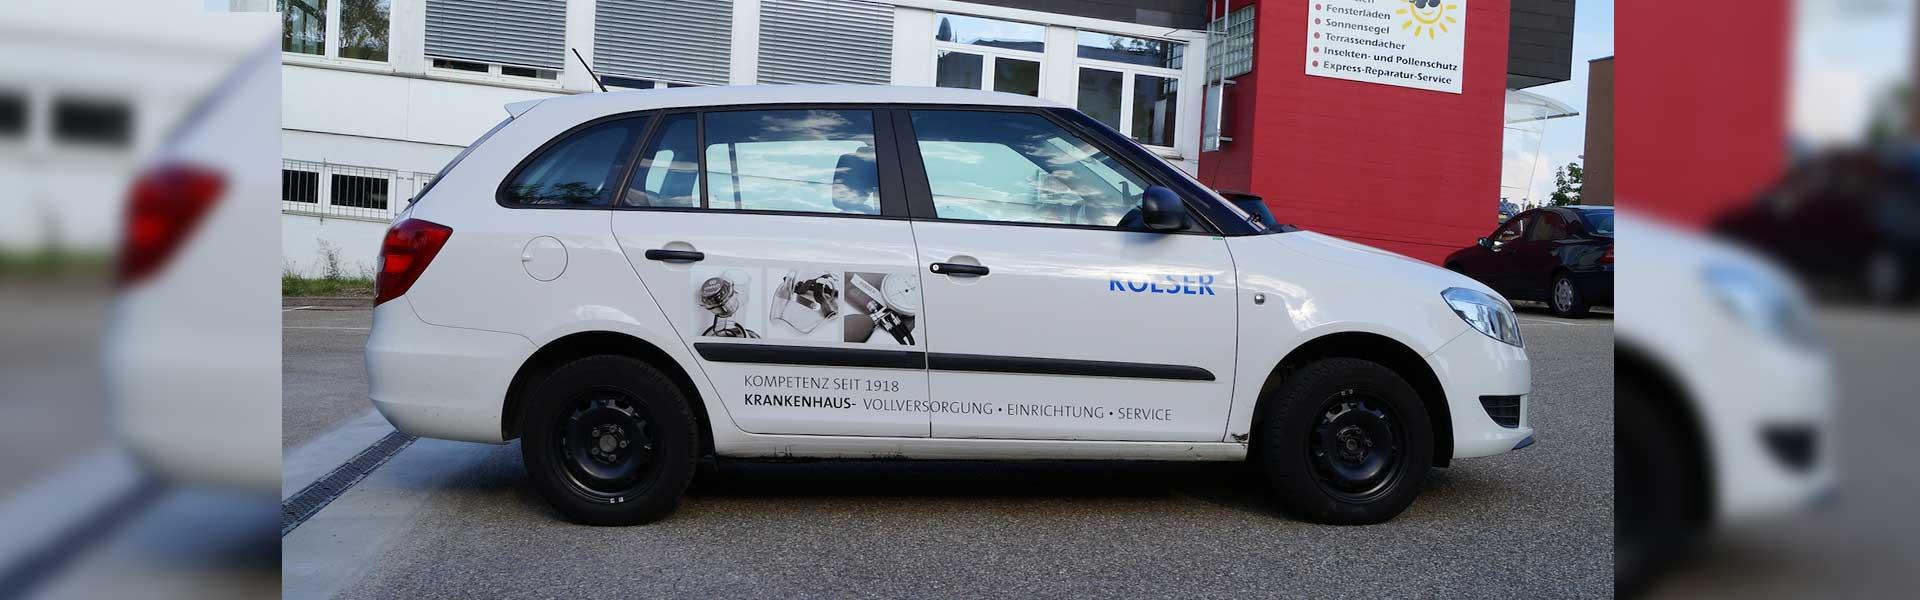 Ein beschrifteter Kleintransporter mit einer Teilbeklebung des Fahrzeuges.